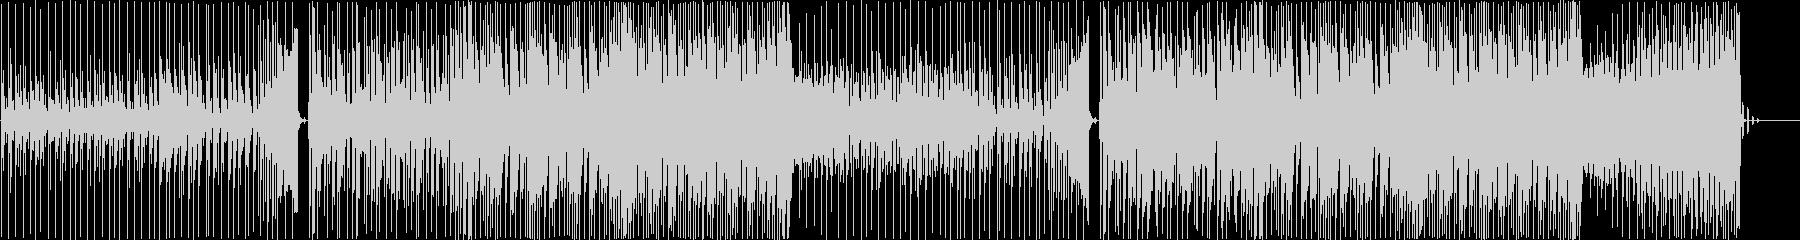 EDM系落ち着いたシックな曲-6の未再生の波形